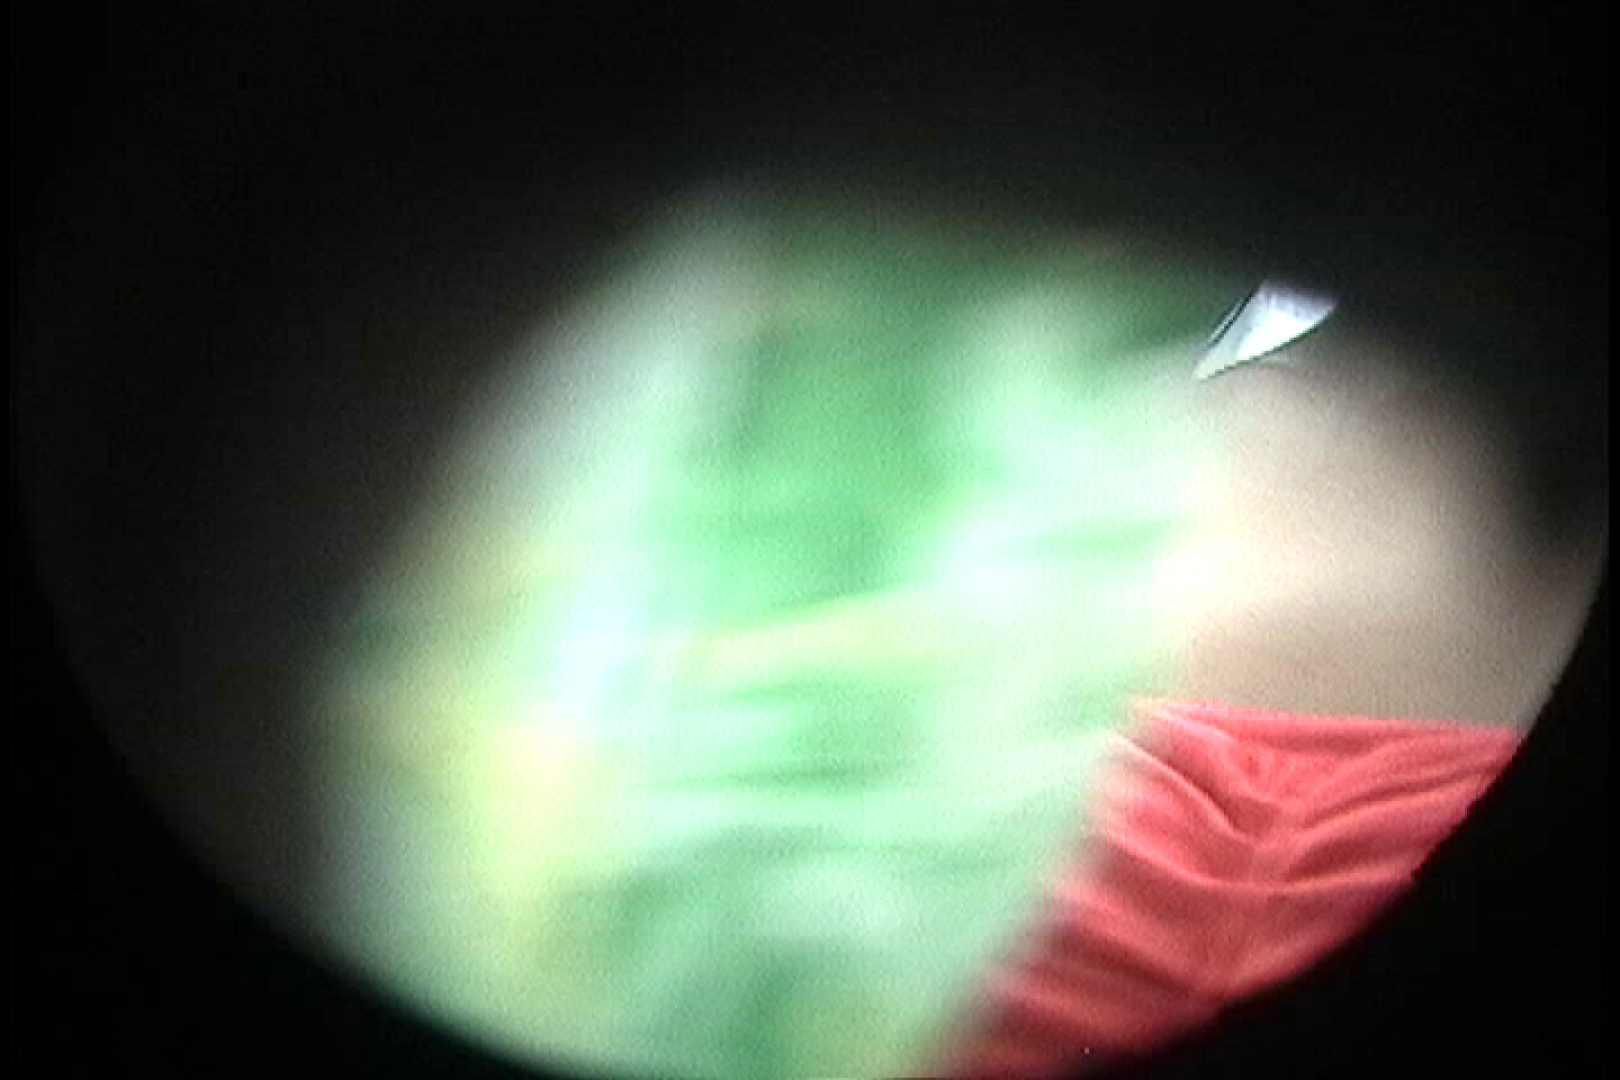 No.22 日焼け跡とオッパイの関係がおかしな貧乳ギャル エロいギャル エロ無料画像 10枚 2